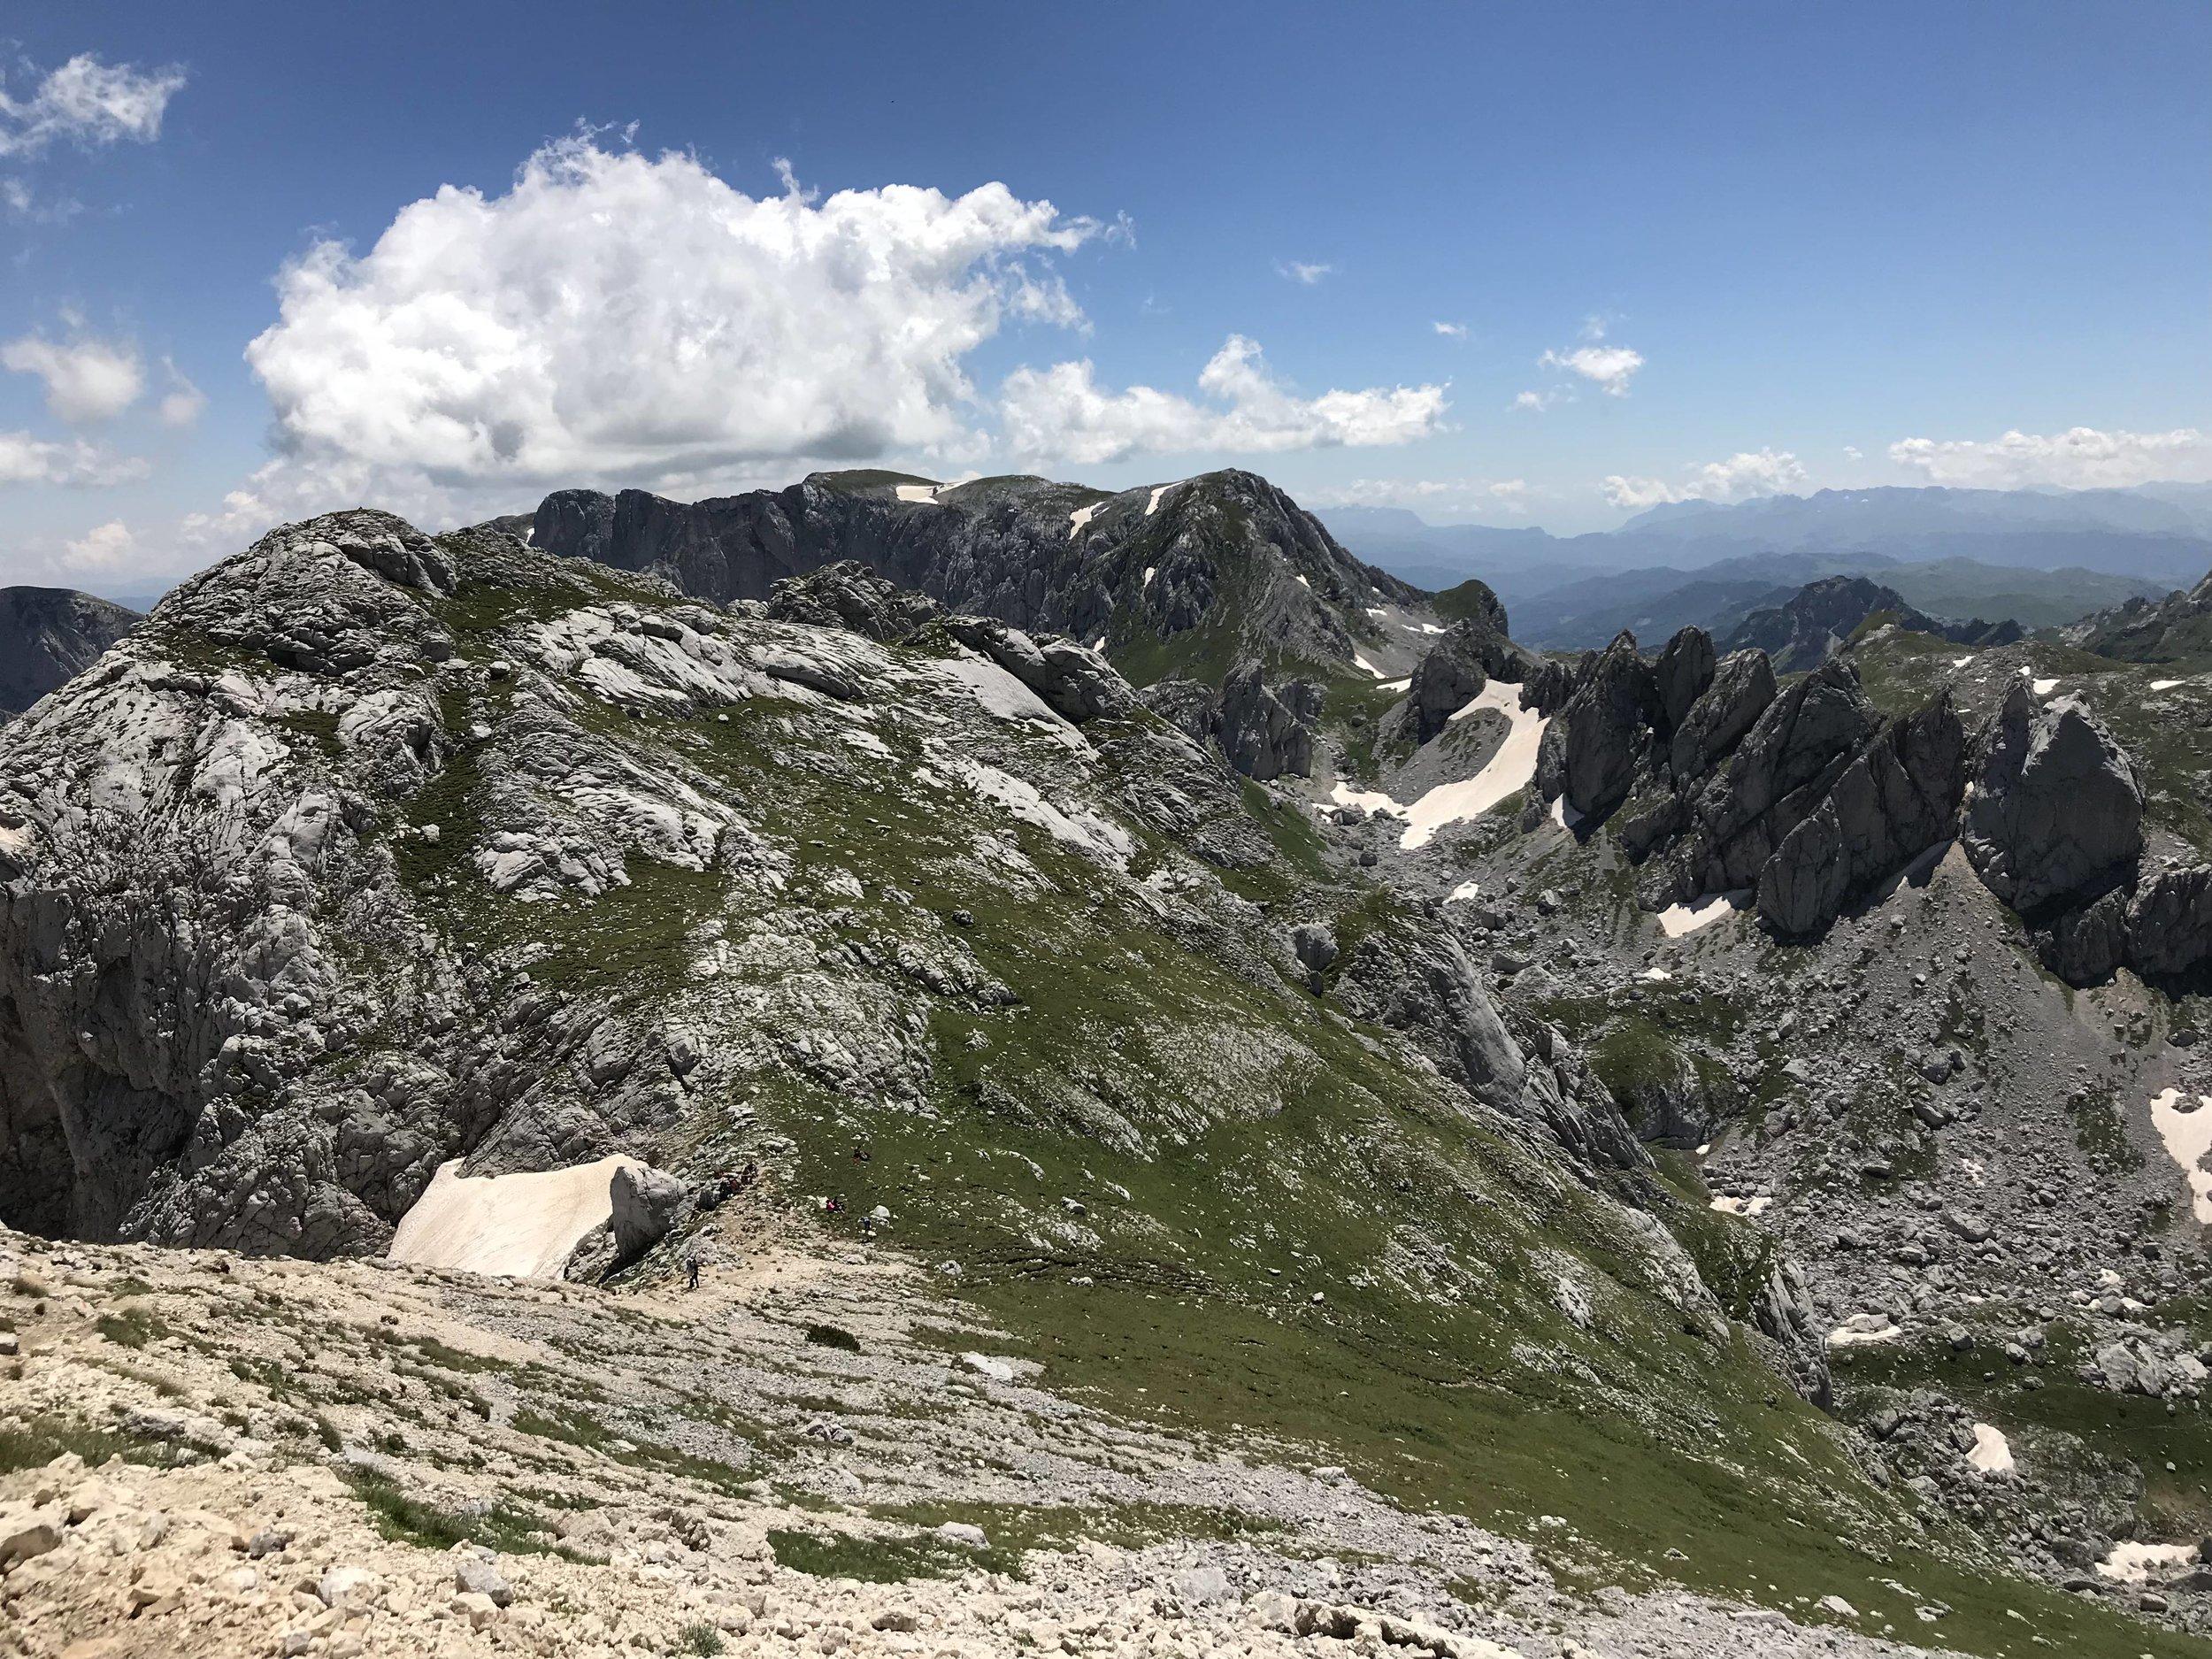 View from Bobotov Kuk